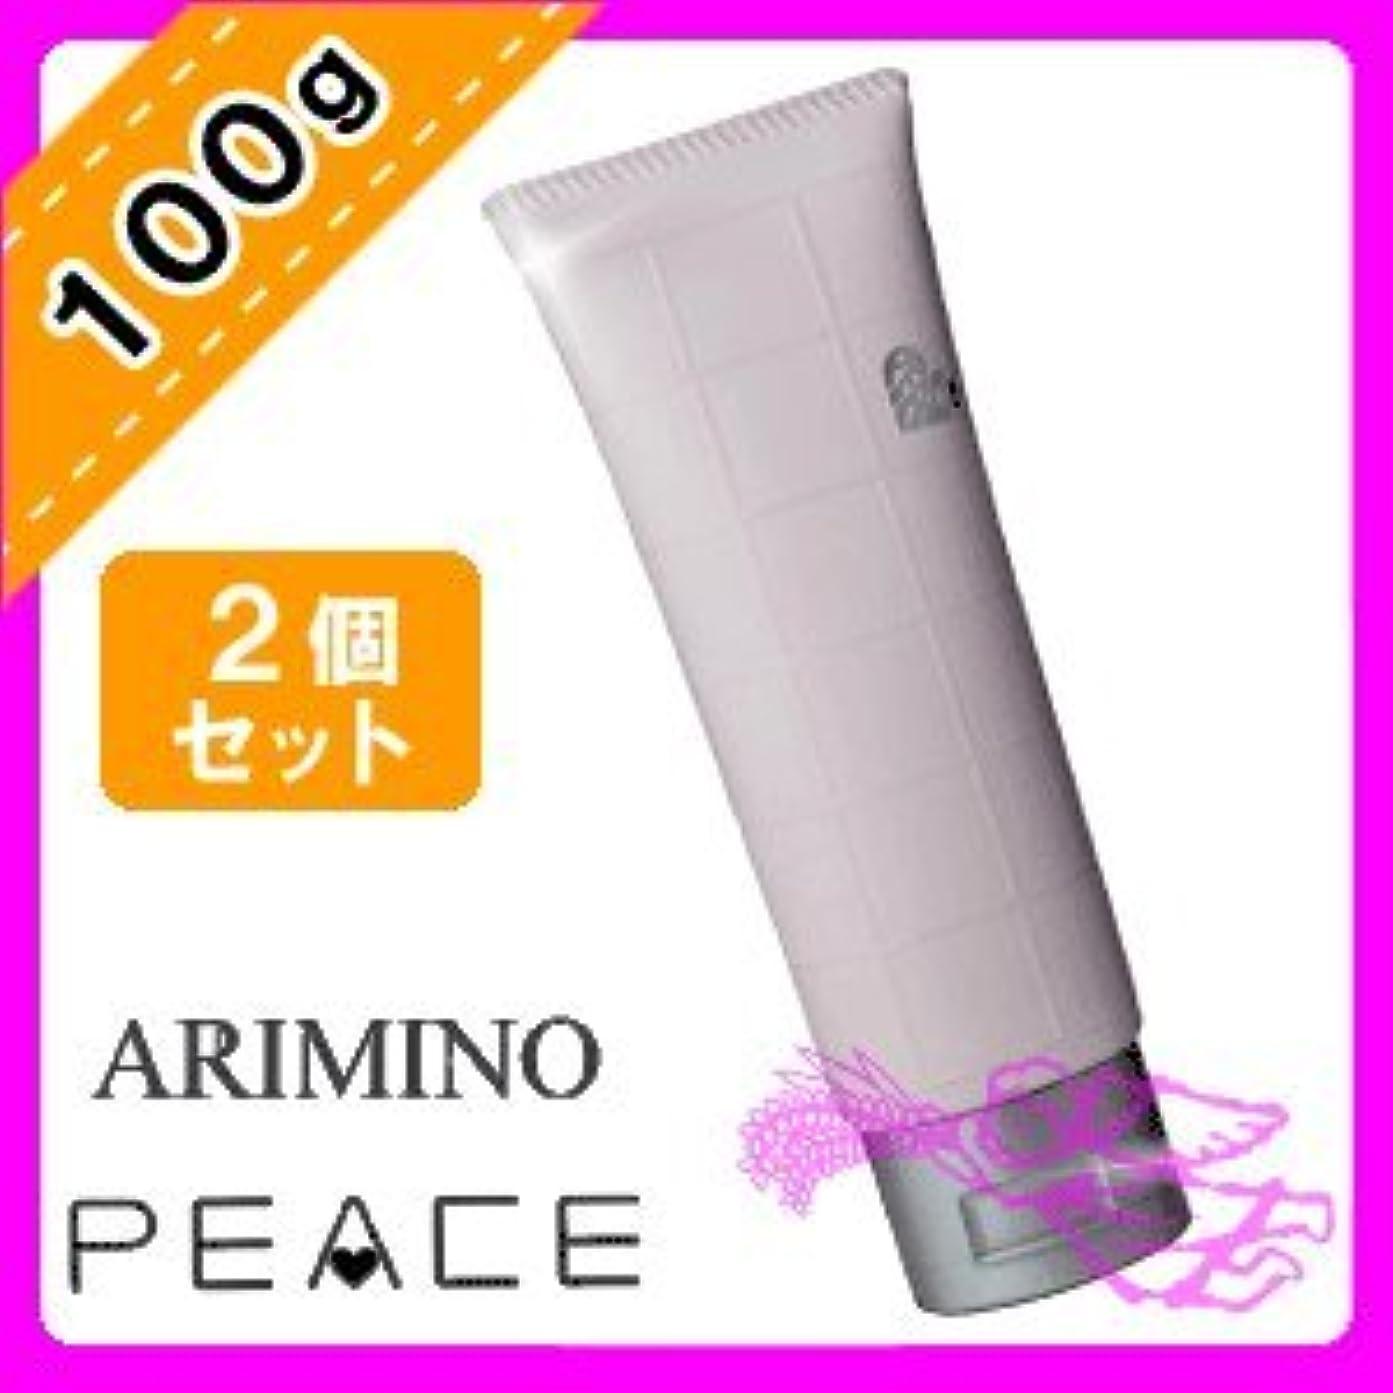 強制的マニュアル雇用アリミノ ピース ウェットオイル ジュレ 100g ×2個セット arimino PEACE